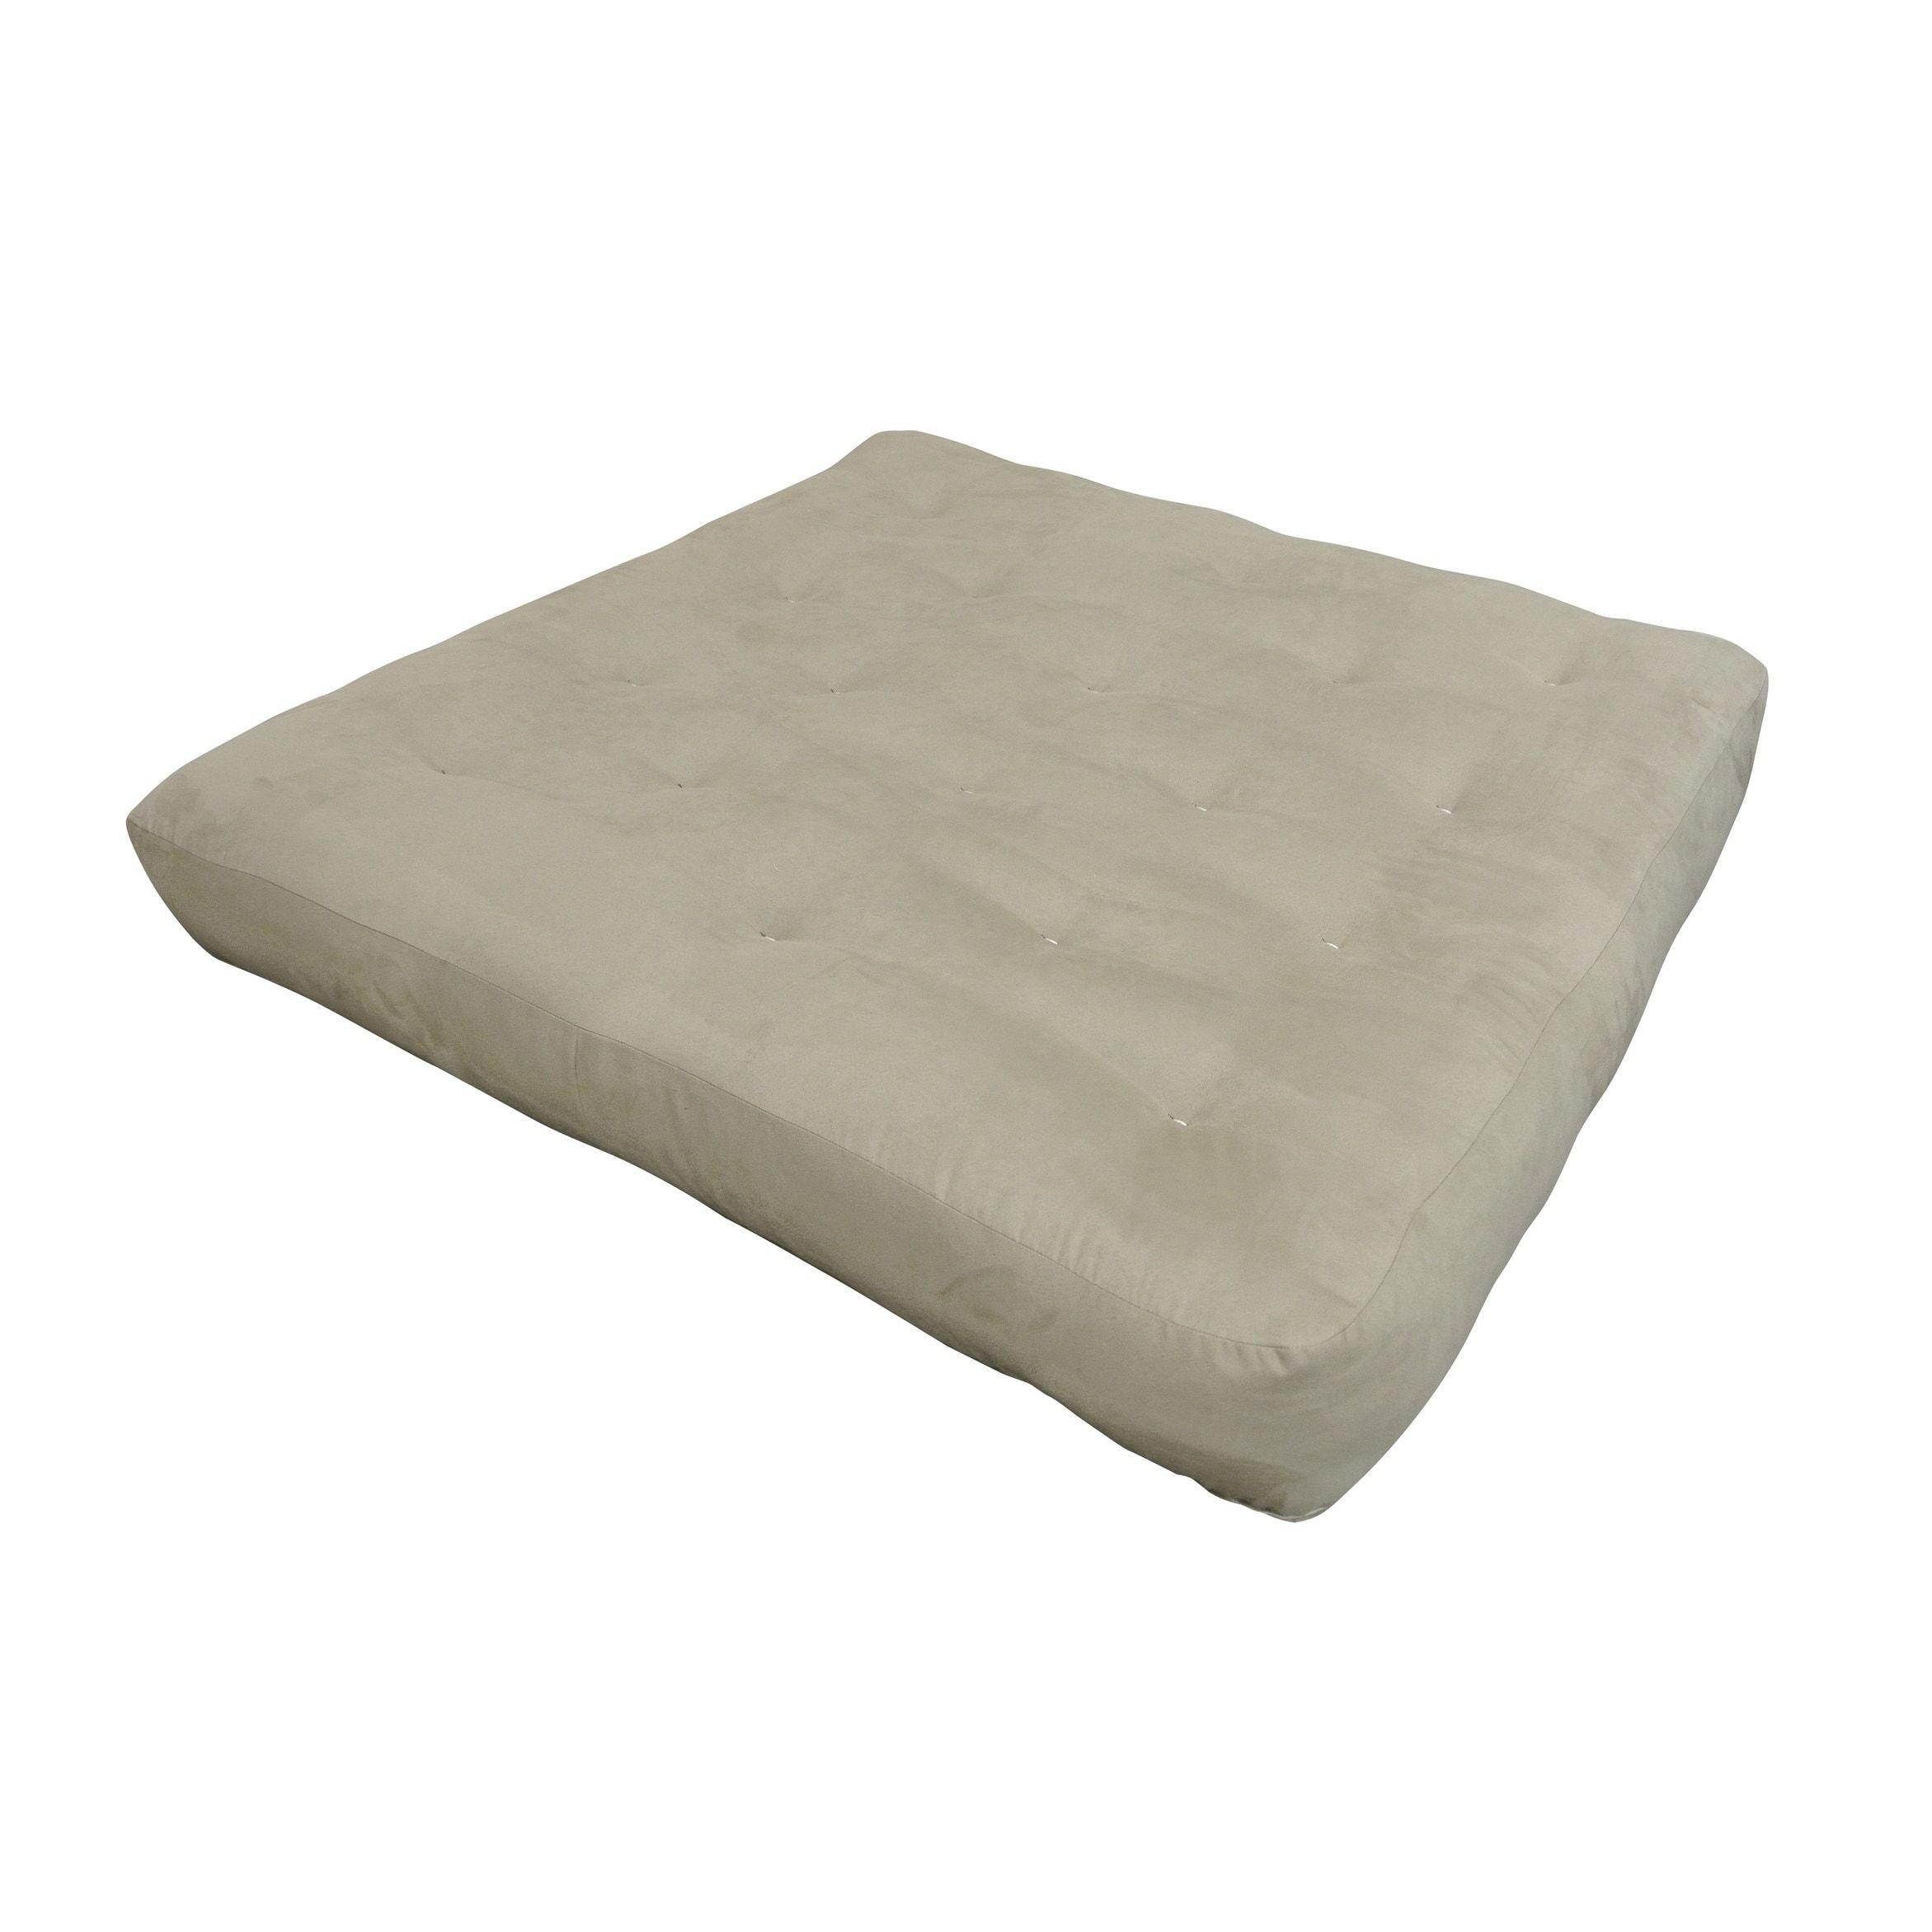 feathertouch ii tan microfiber loveseat futon mattress  tan   polyester foam cotton   feathertouch ii tan microfiber loveseat futon mattress  tan      rh   pinterest